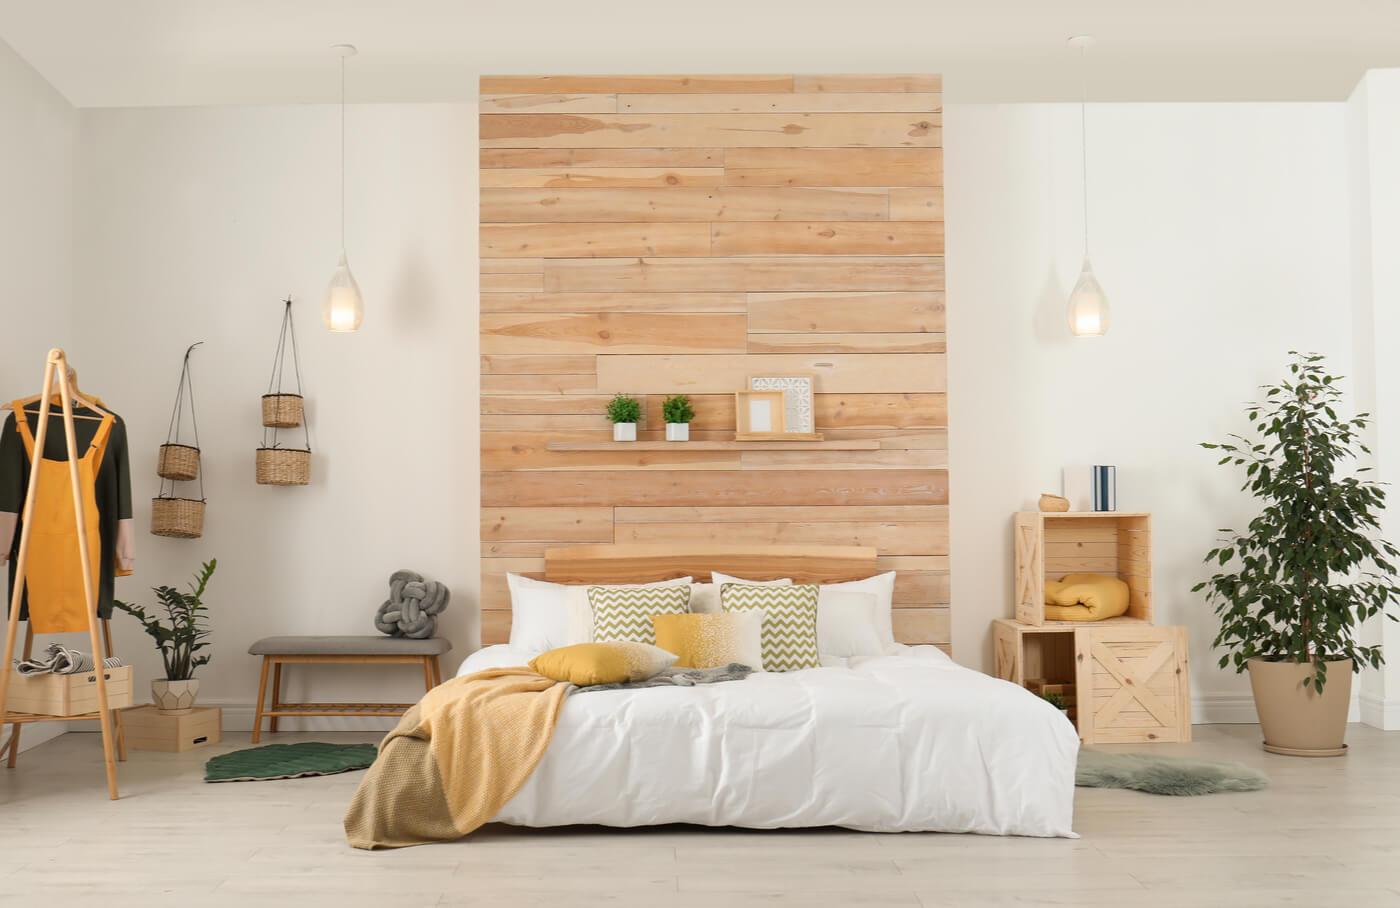 10 maneras de transformar tu dormitorio en tiempo récord